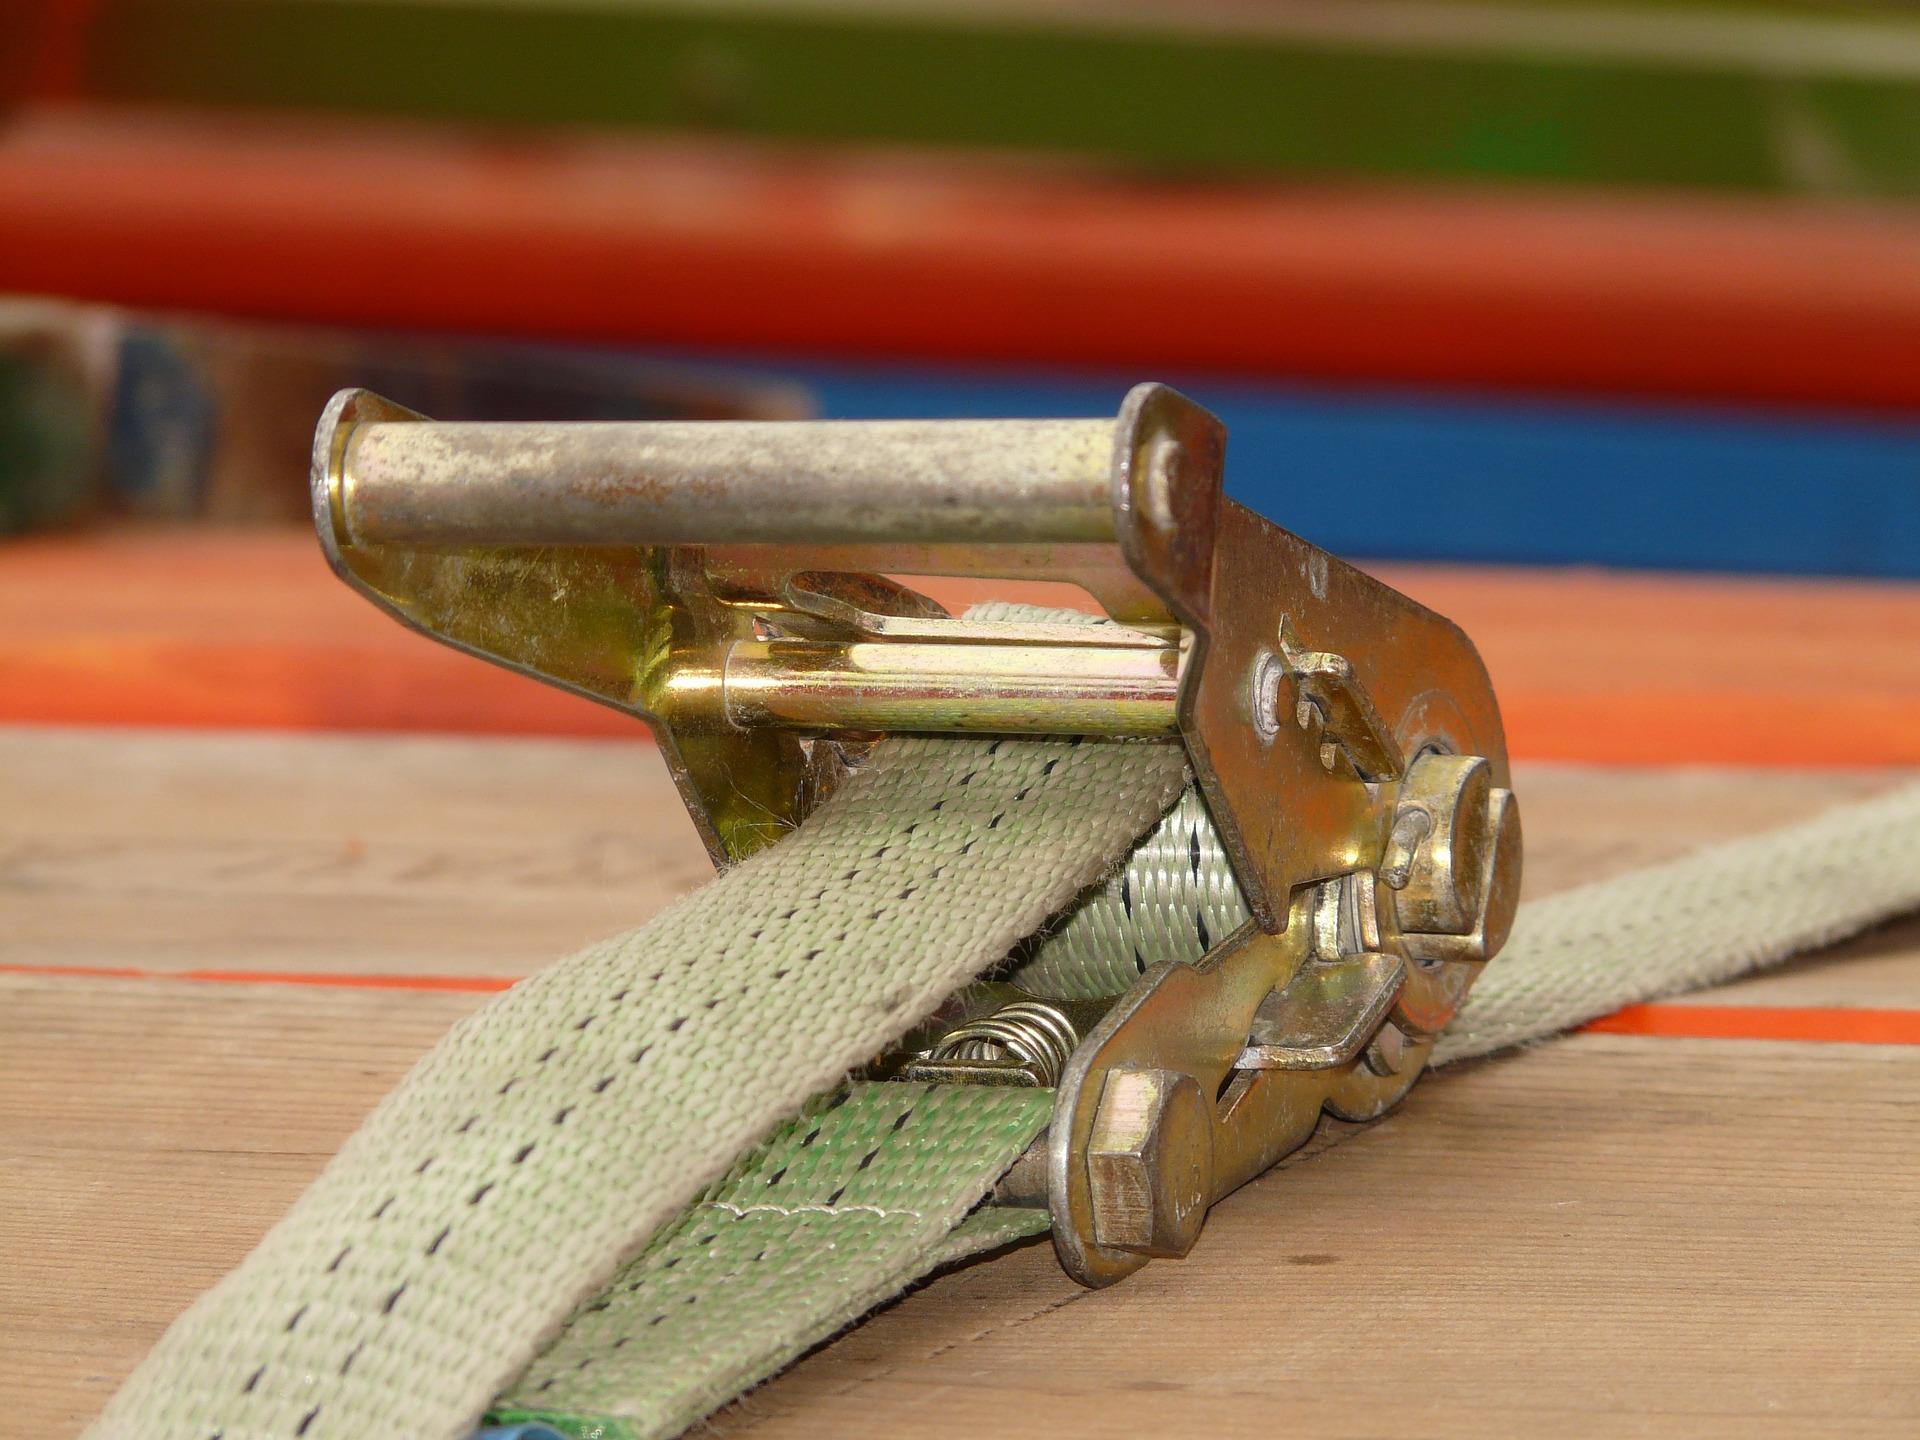 Uma cinta de amarração com um gancho de metal.